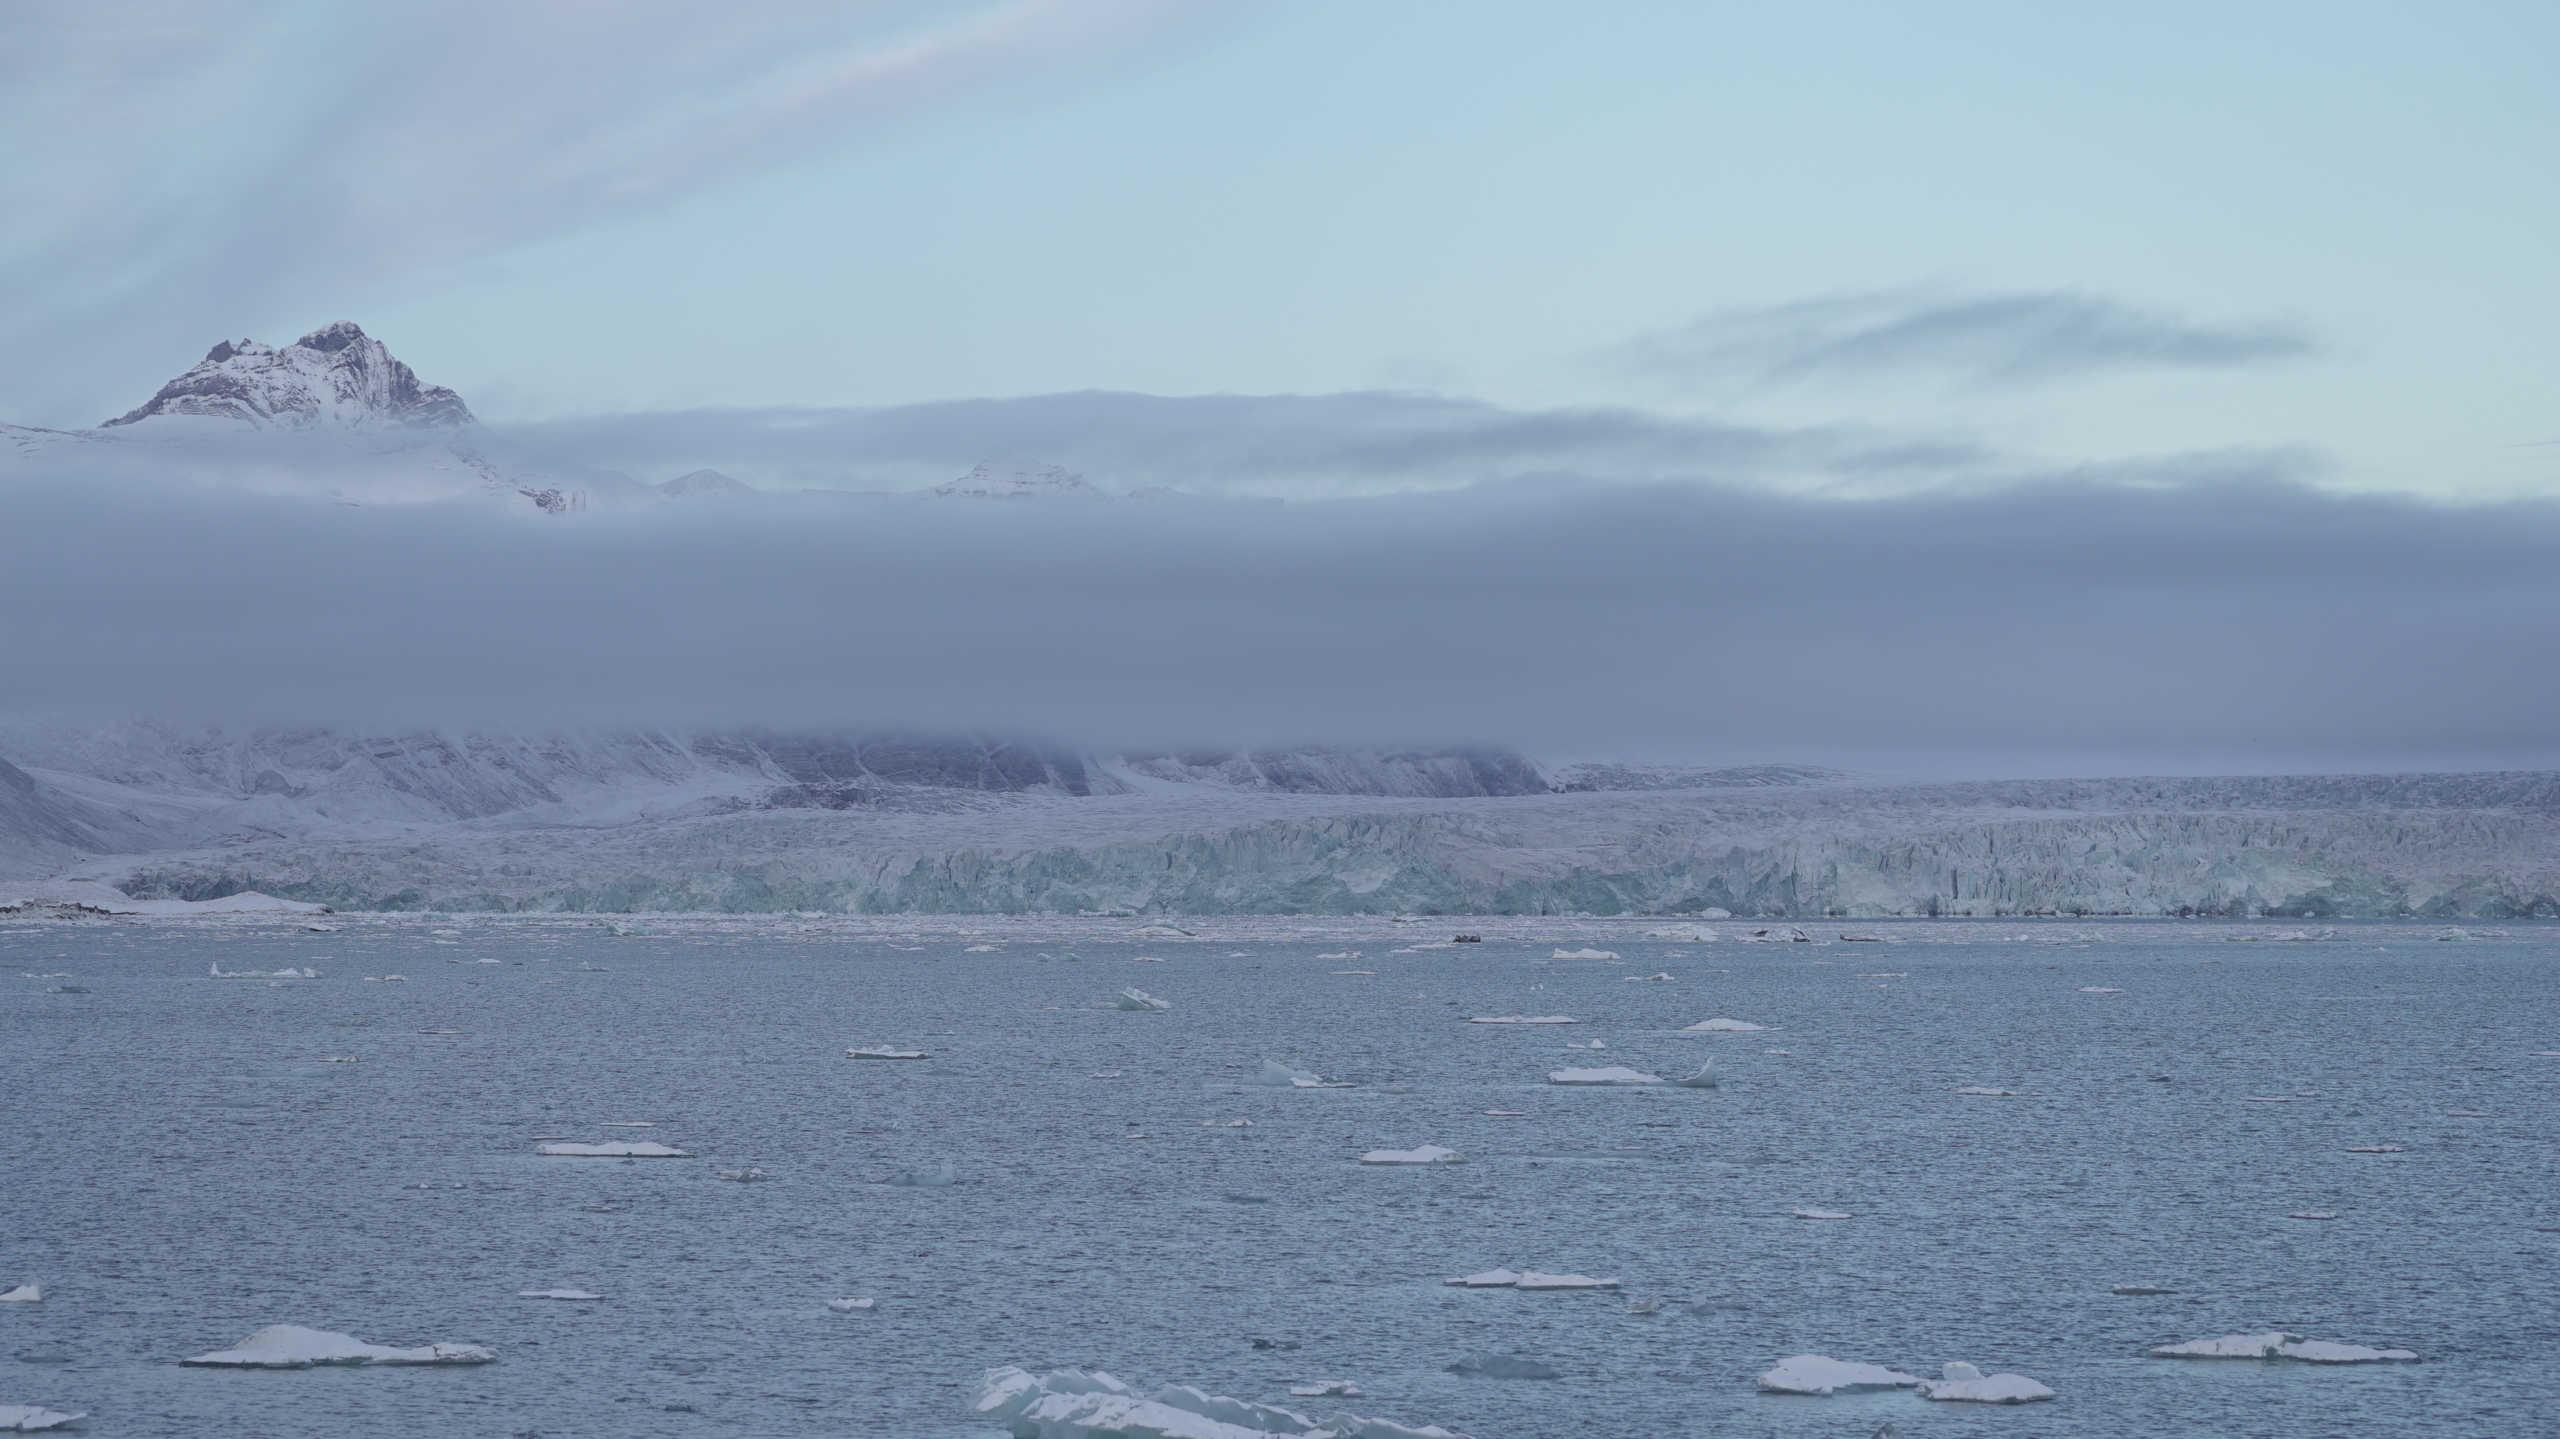 Οι ελβετικοί παγετώνες λιώνουν ταχύτατα – Κινδυνεύουν να εξαφανιστούν το 2100